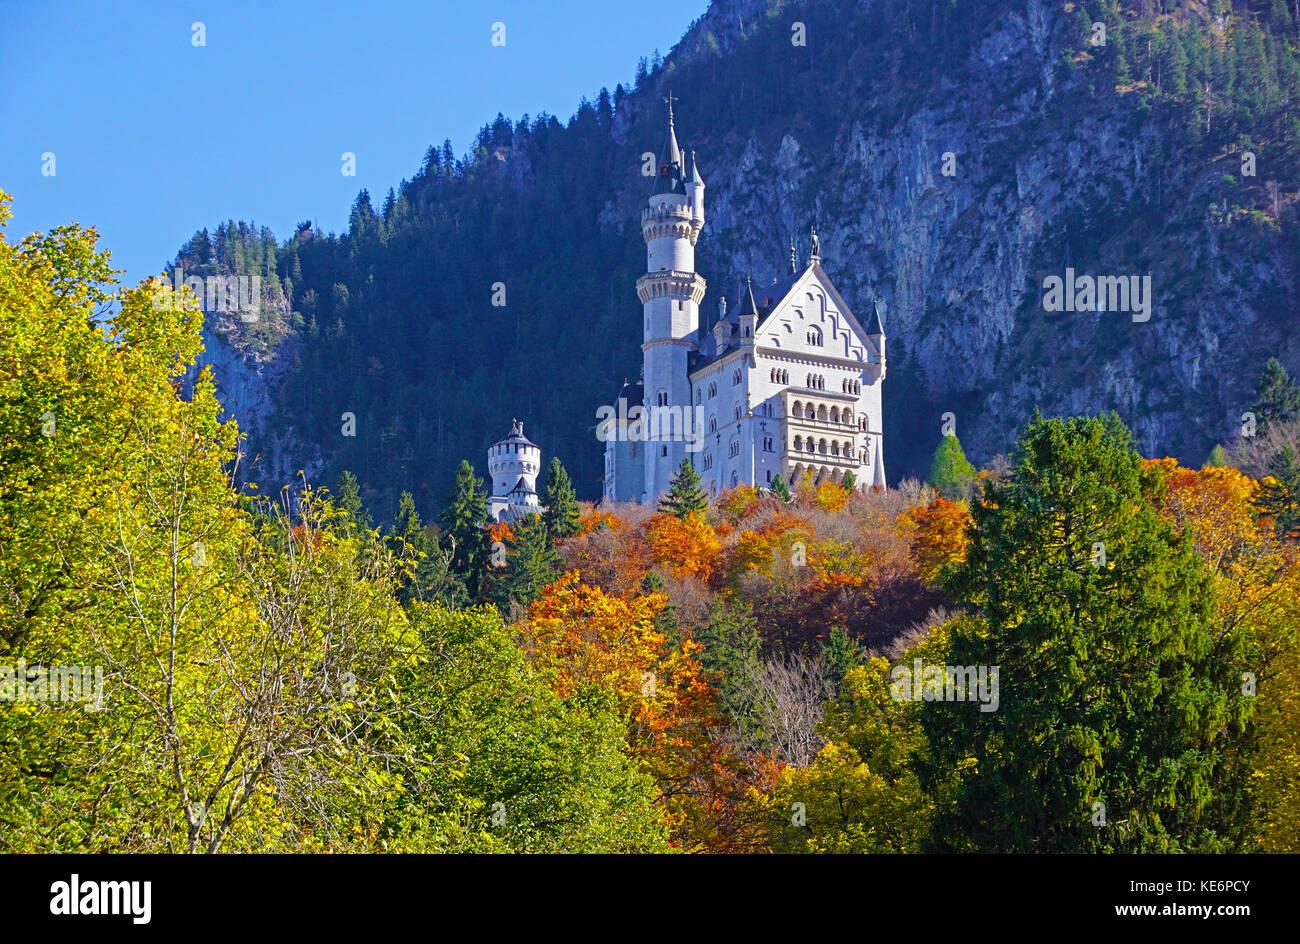 Neuschwanstein Castle - Stock Image